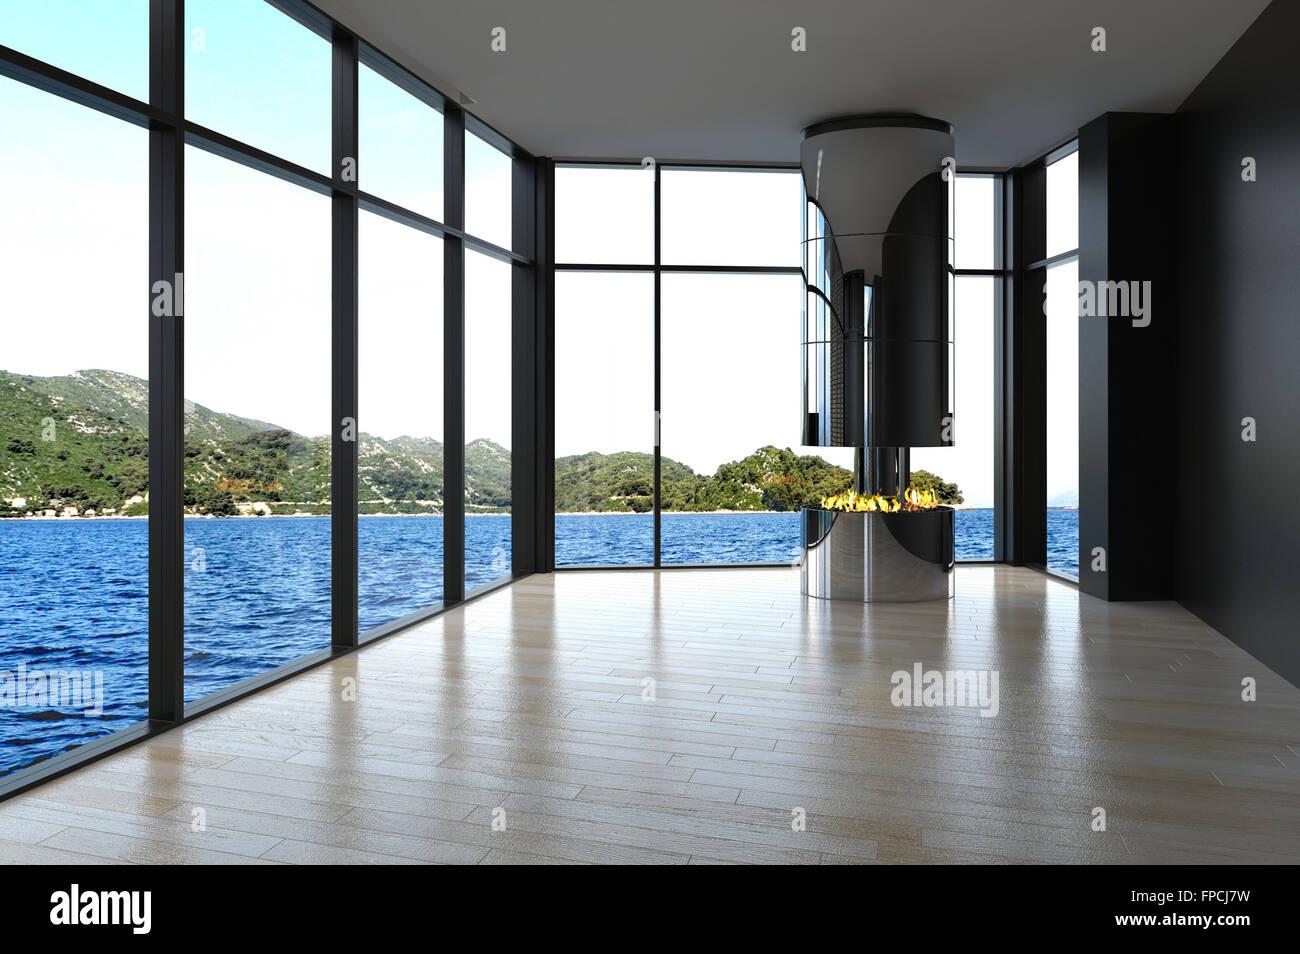 Moderner Fußboden ~ Moderne unmöbliert wohnzimmer mit fußboden zudecke fenster an zwei